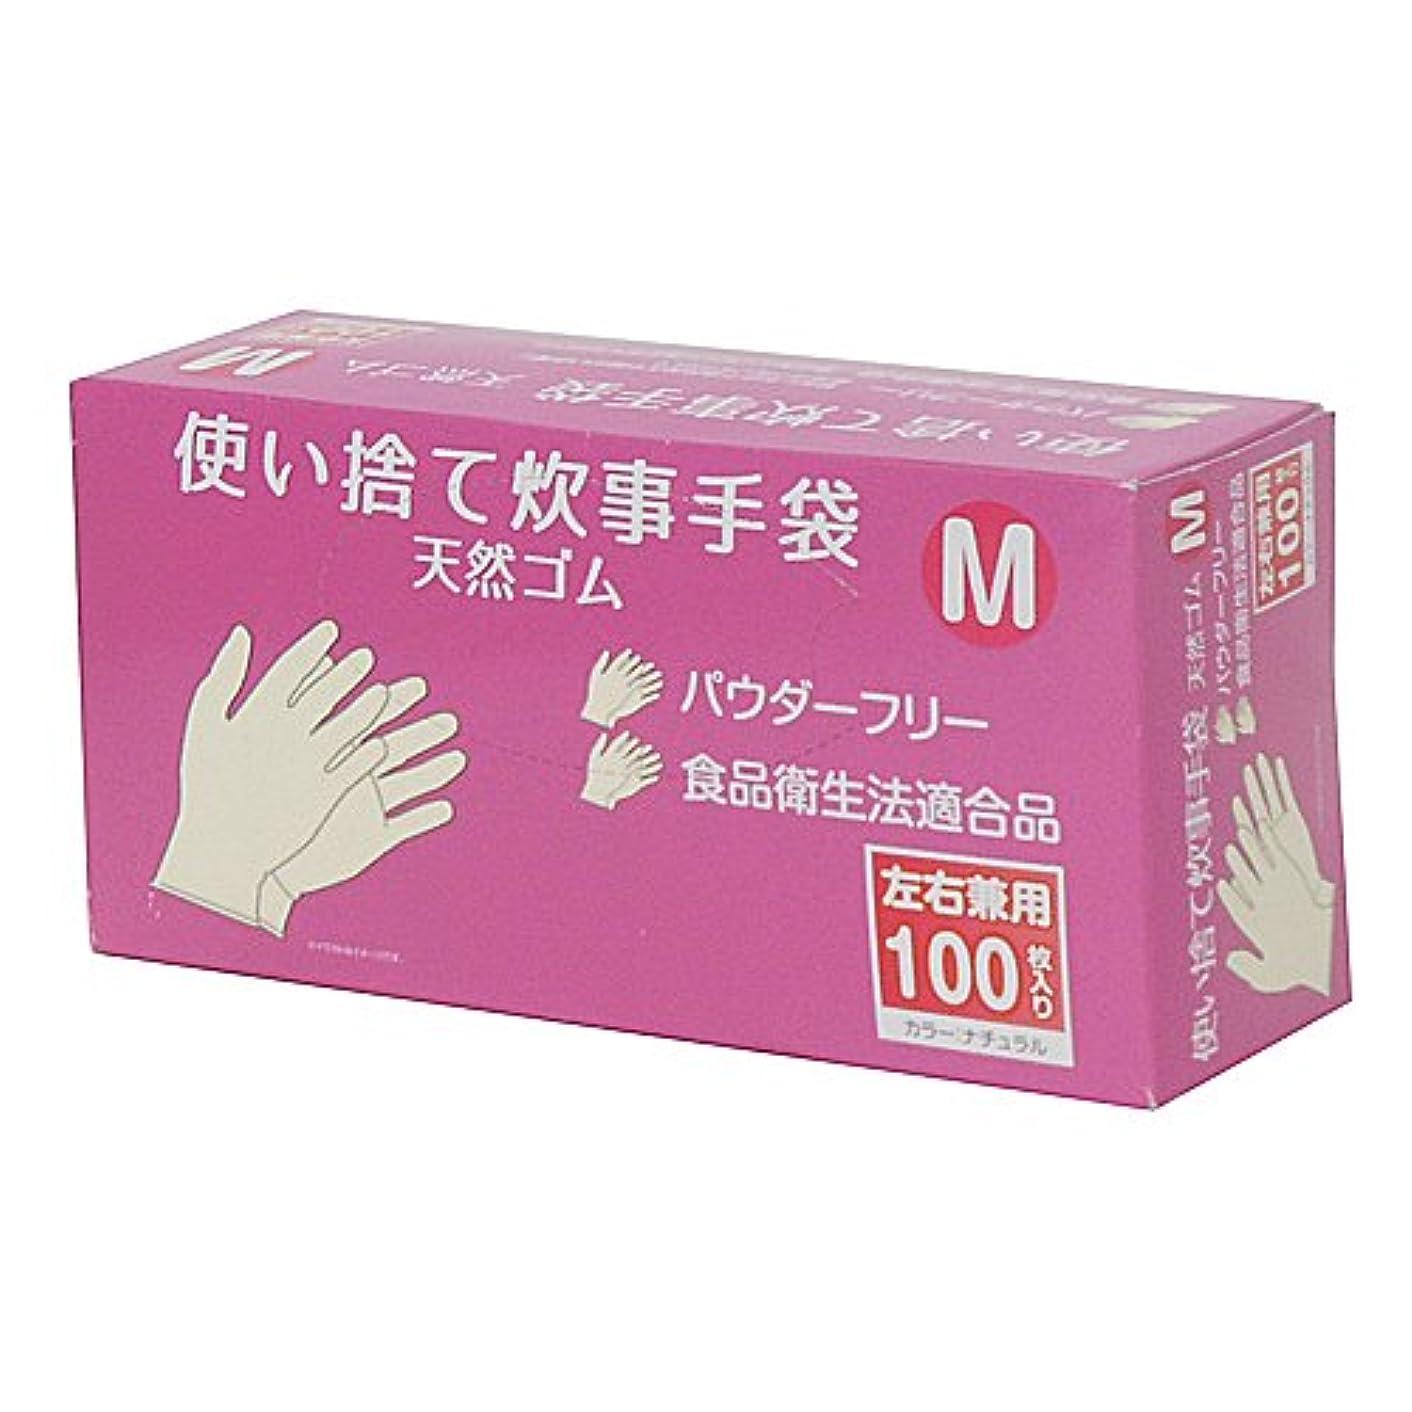 カレンダー平和的ビジュアルコーナンオリジナル 使い捨て 炊事手袋 天然ゴム 100枚入り M KFY05-1128